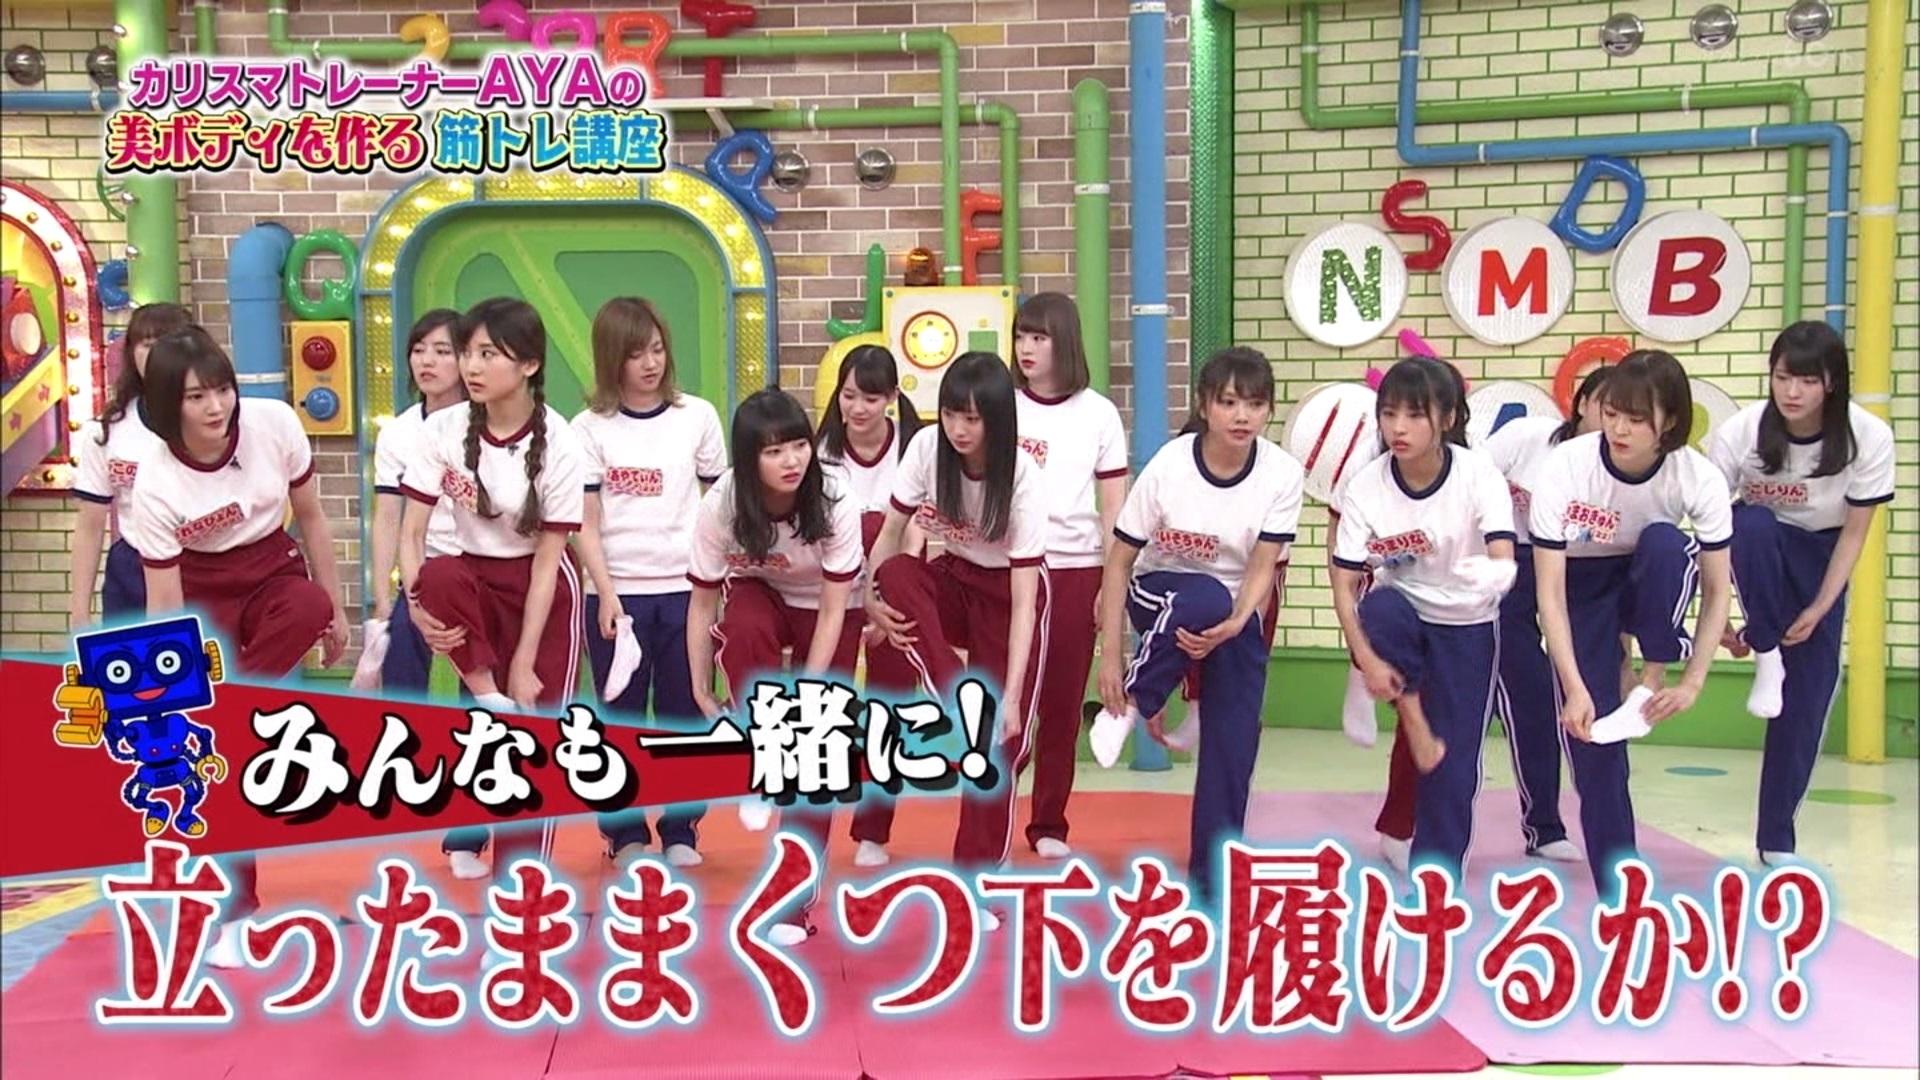 【NMB48】5/4NMBとまなぶくん、クロスフィットトレーナー・AYA先生直伝簡単トレーニングで美BODYゲット!